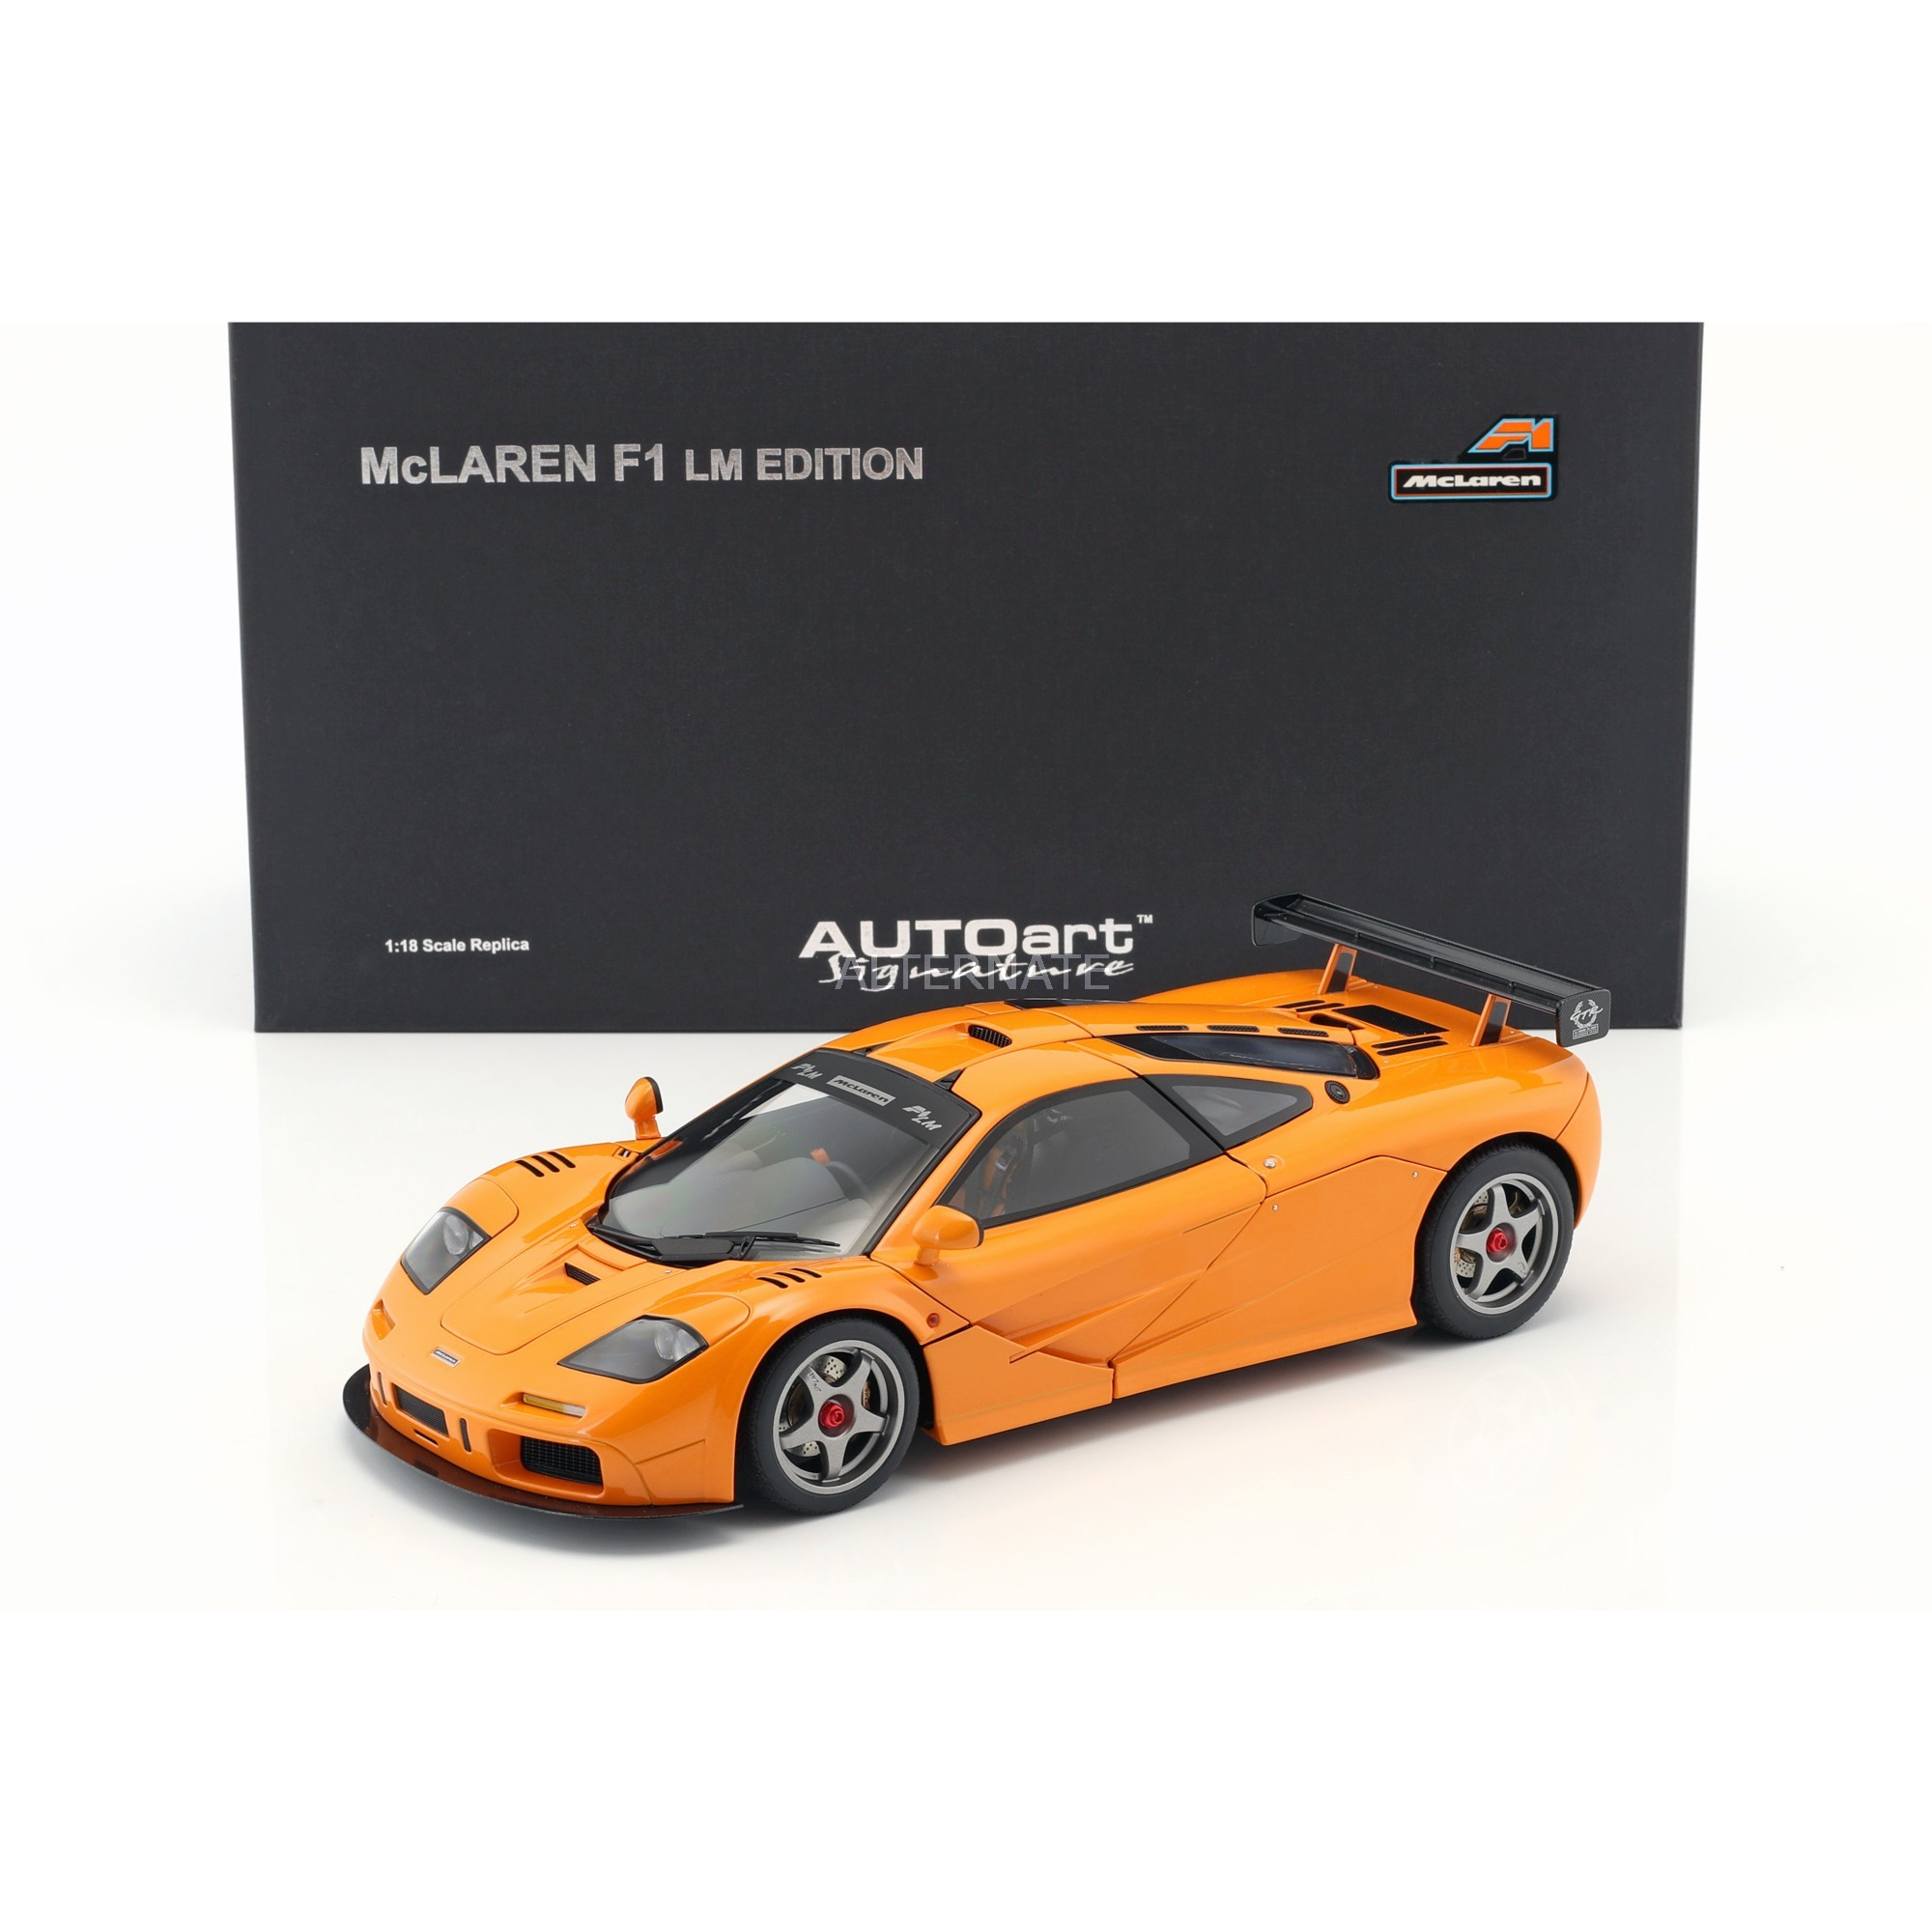 autoart mclaren f1 lm edition baujahr 1995 orange 1:18